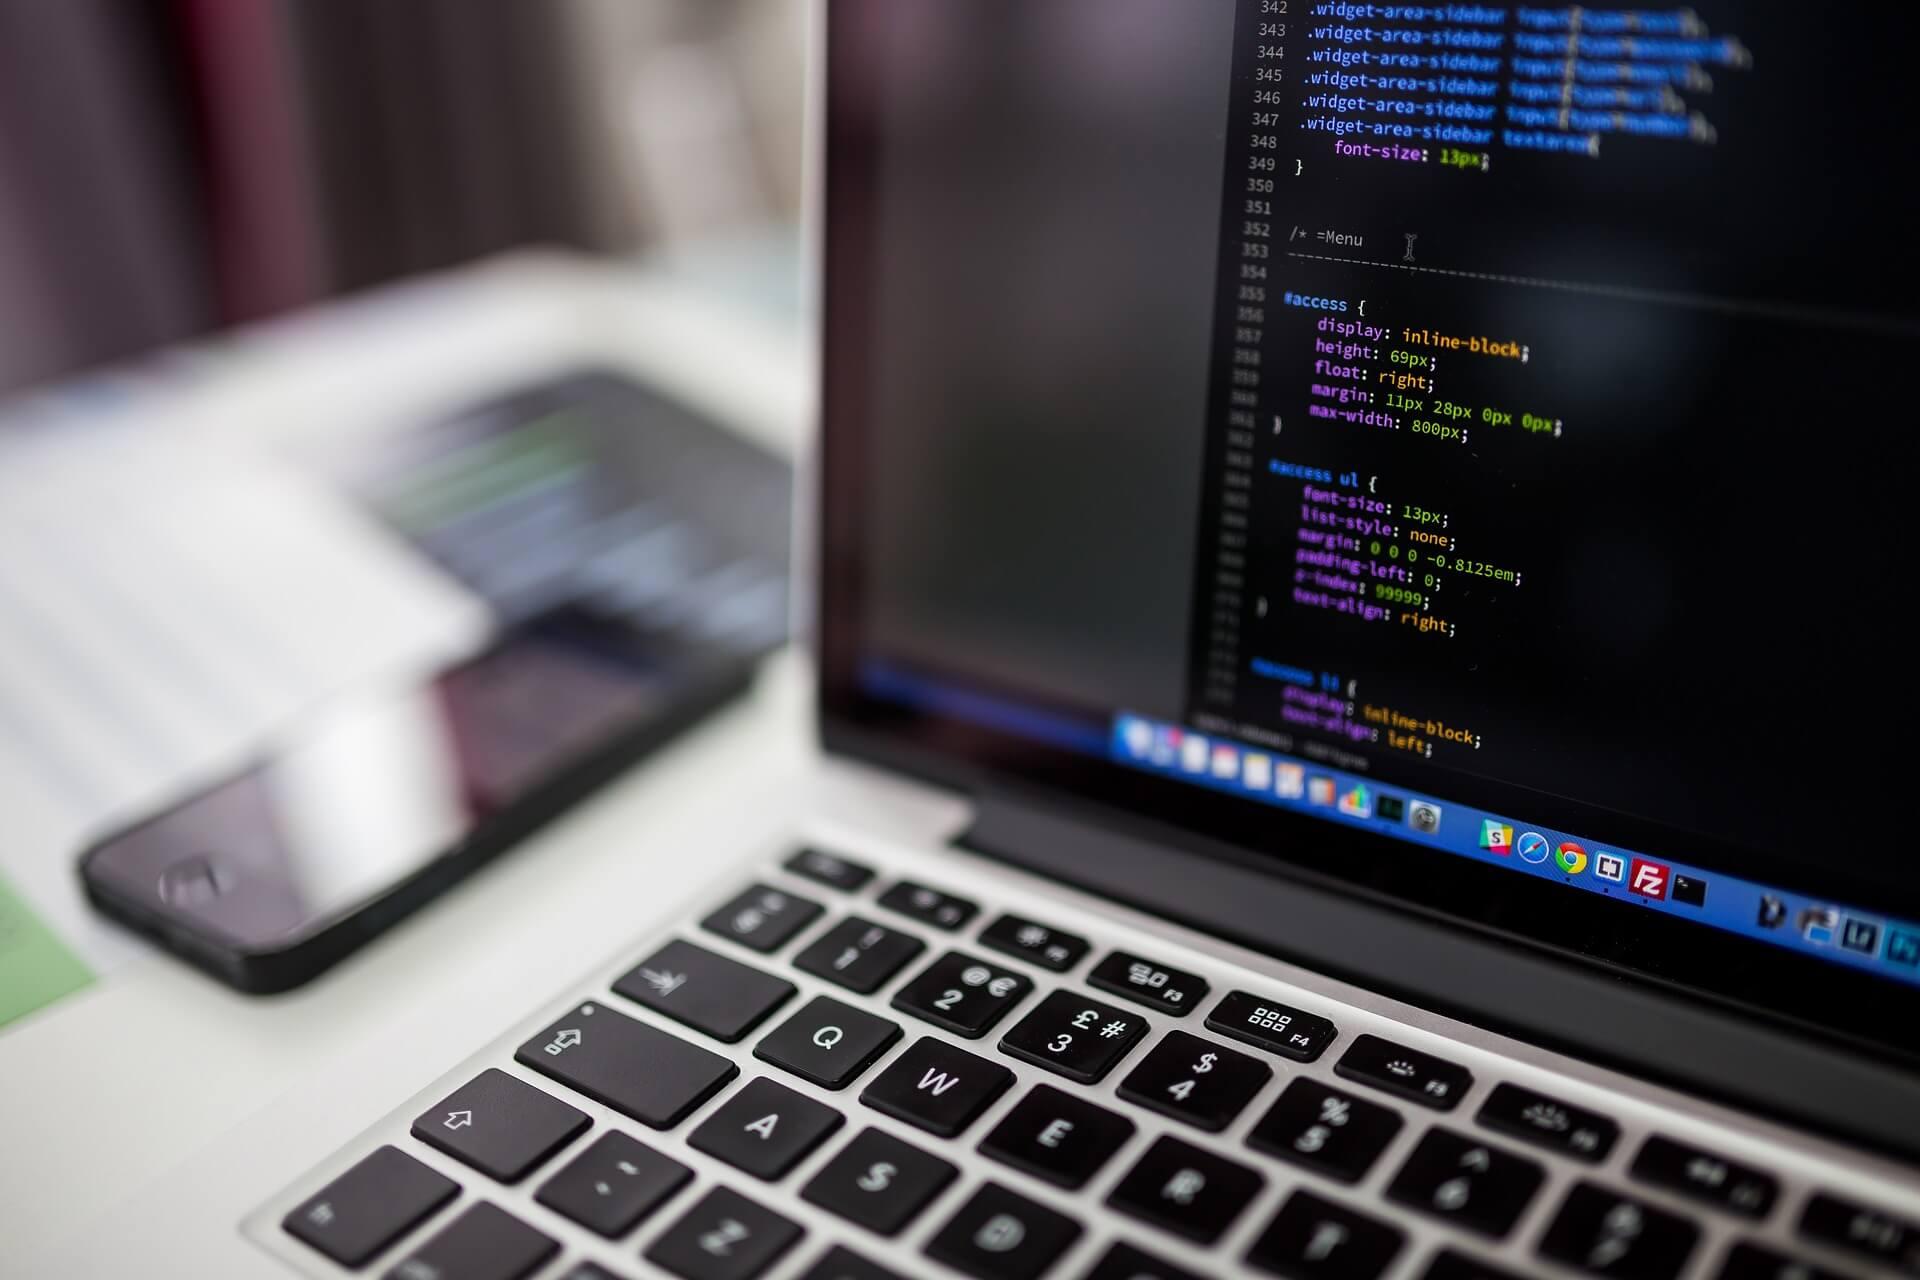 5 bonnes raisons de choisir le Bachelor Chef.fe de Projet Web et Stratégie Digitale en alternance avec Interfor - Interfor Formation Alternance